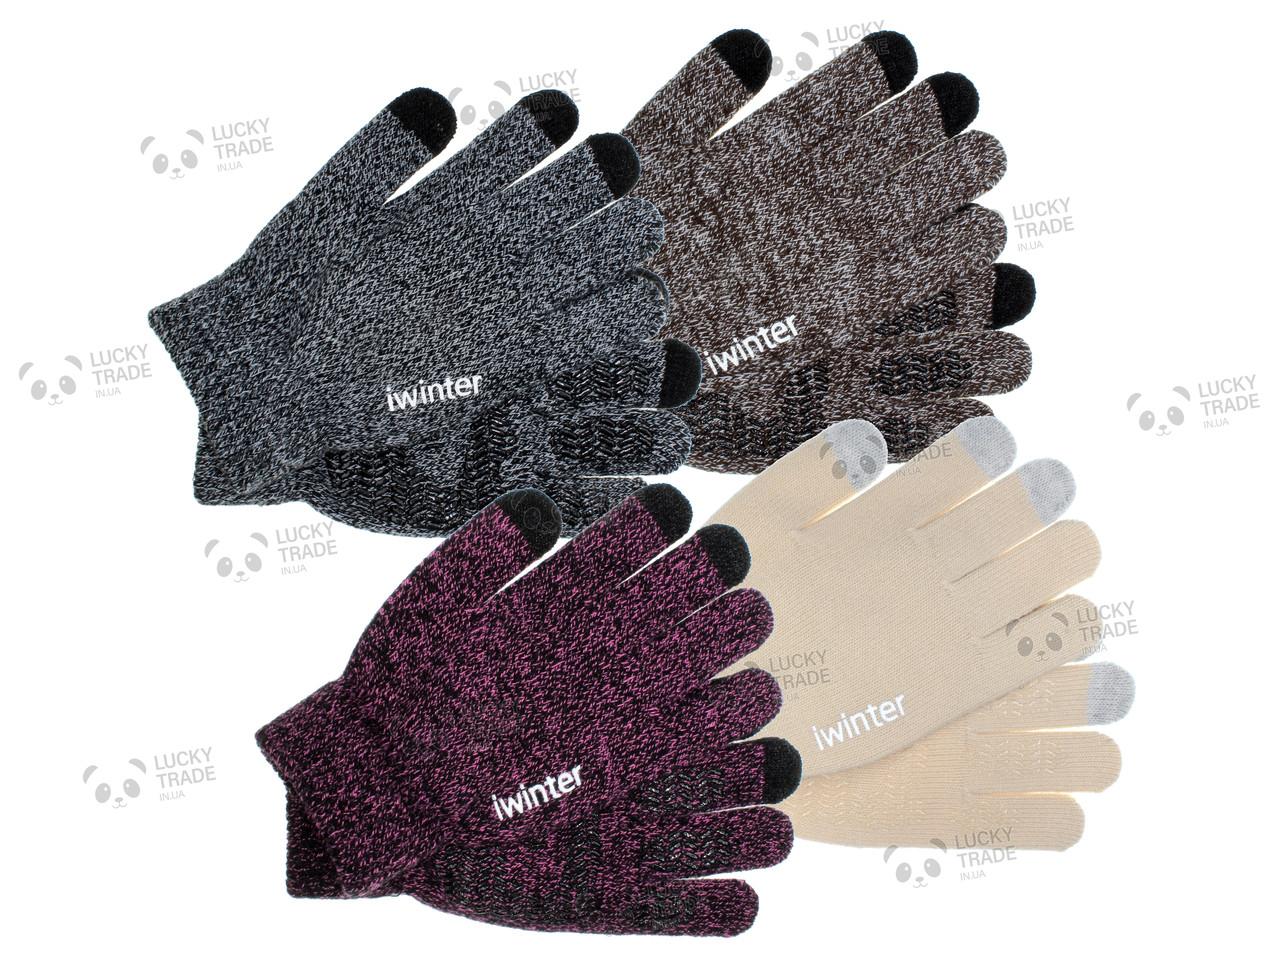 Зимние теплые перчатки iWinter для сенсорных экранов мужские женские Size S Цвет на выбор (D-Z01) [2438]